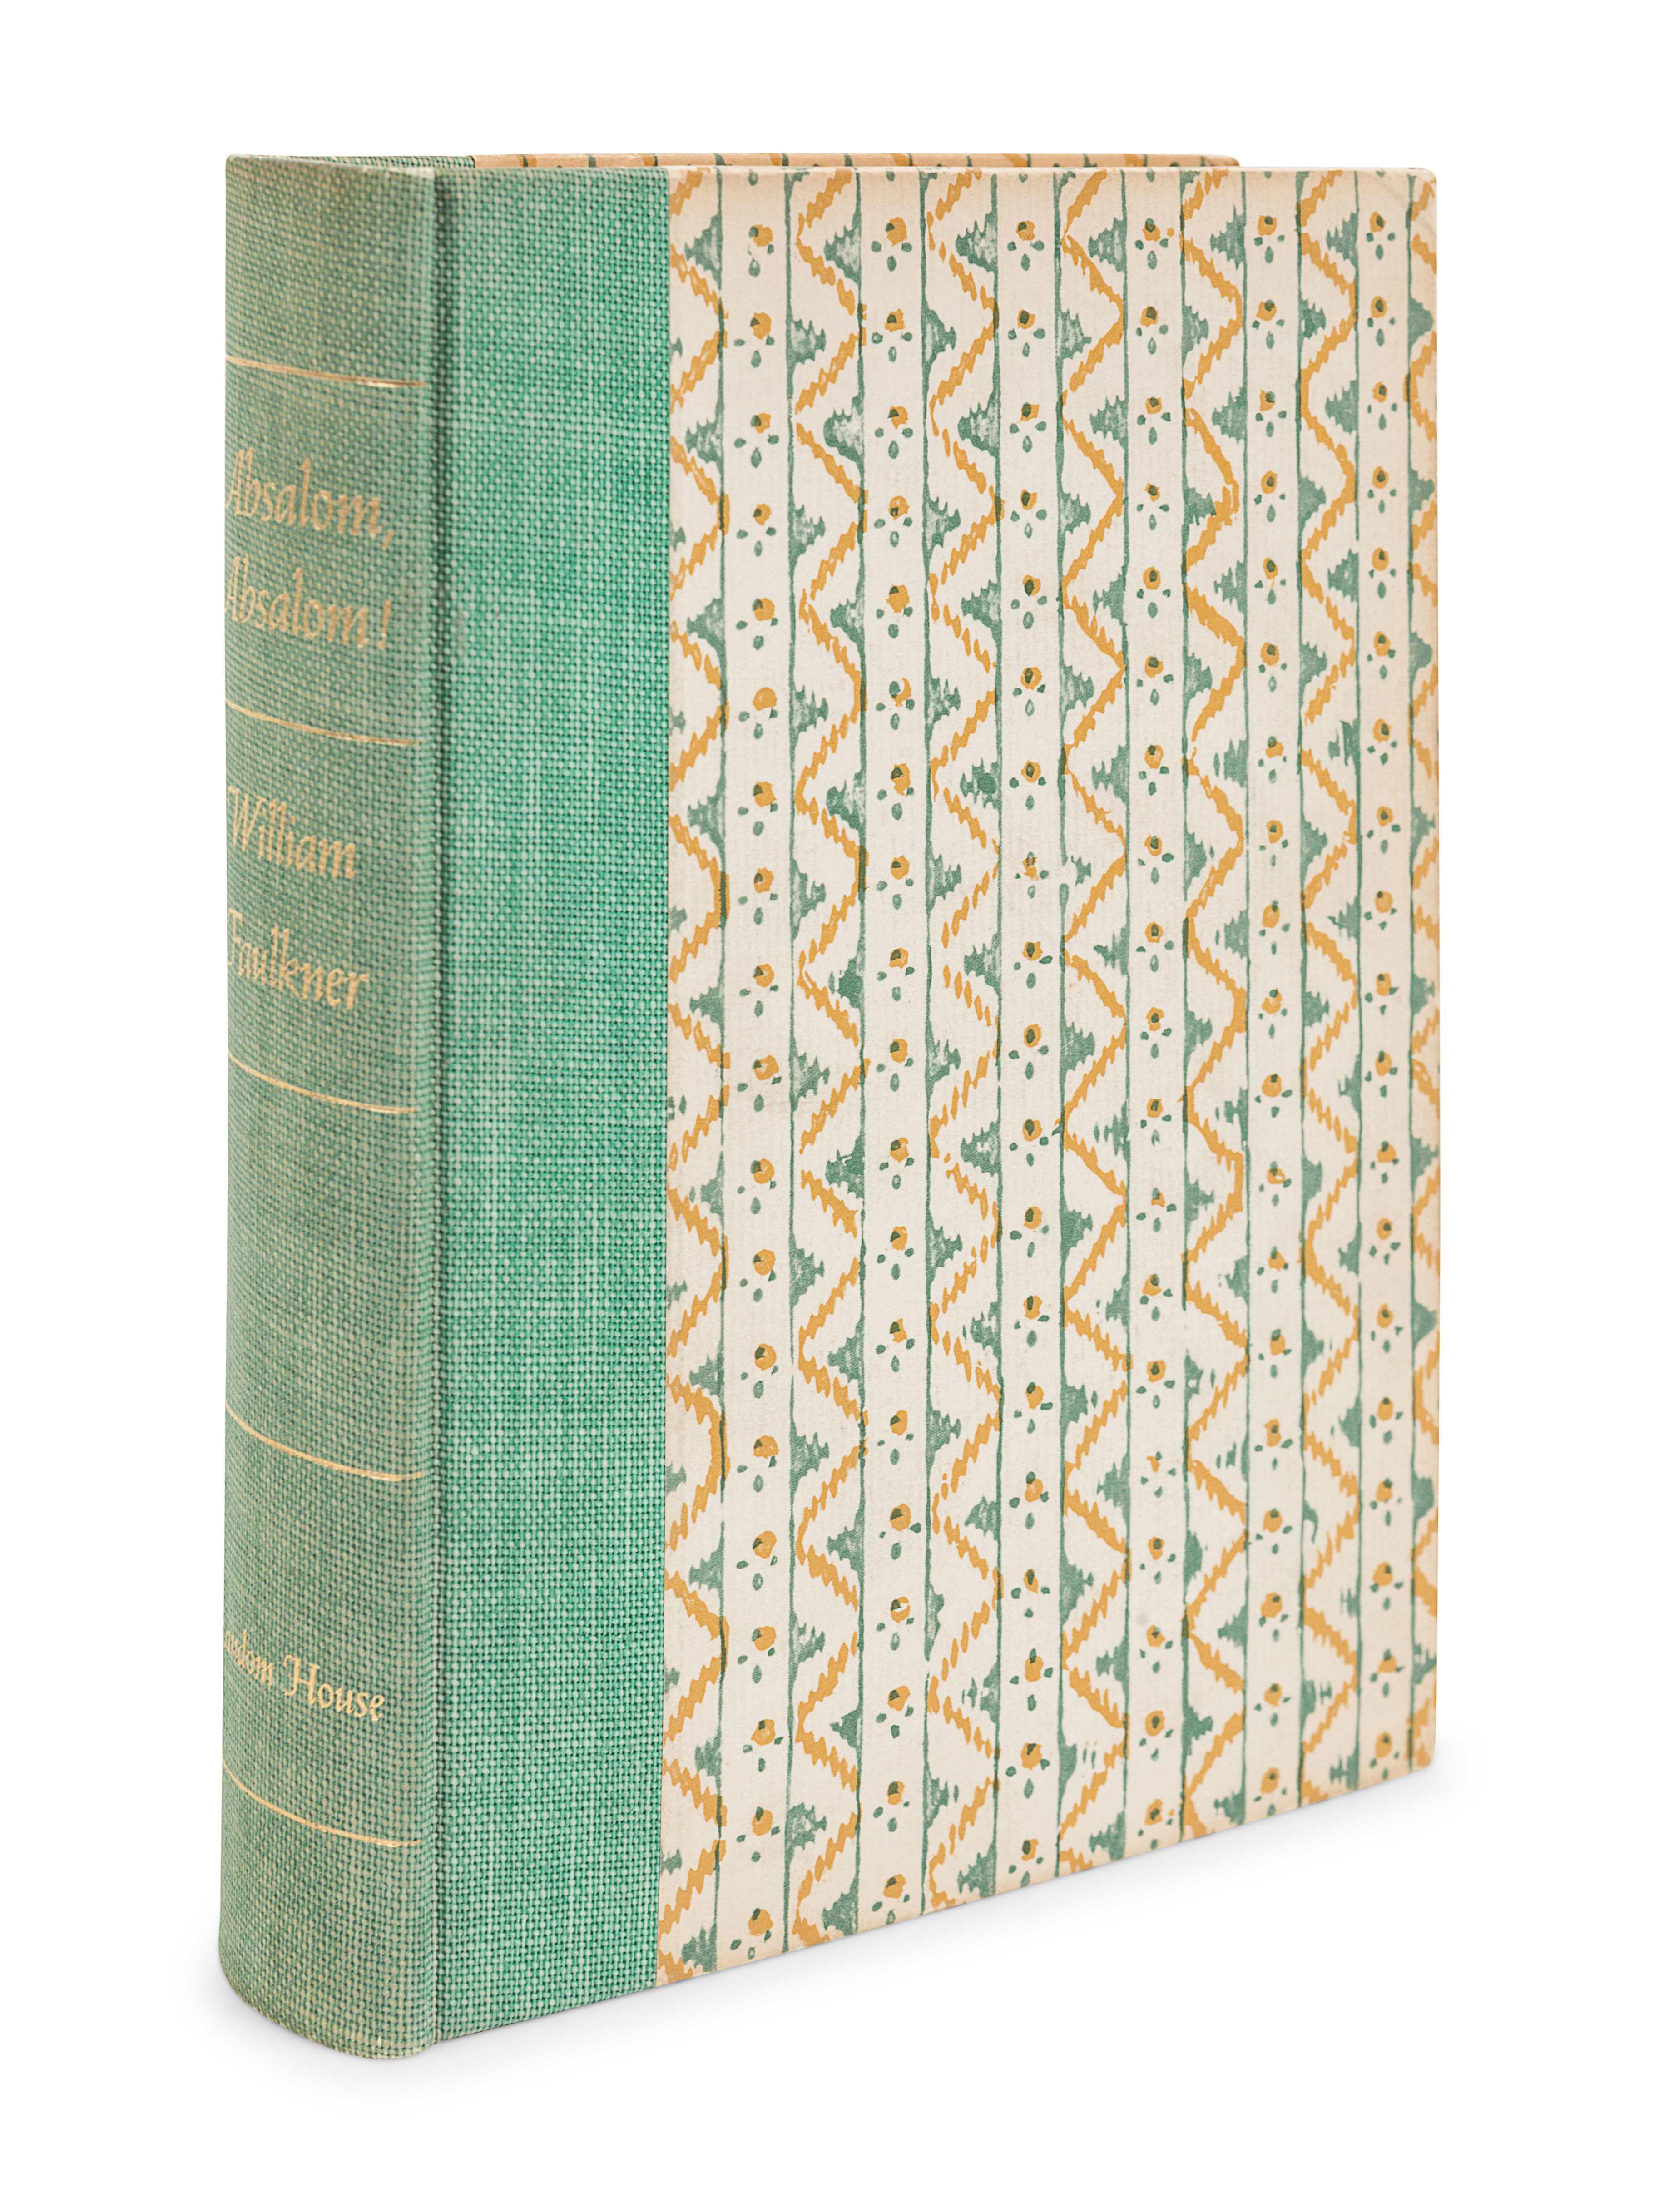 FAULKNER, William (1897-1962). Absalom, Absalom! New York: Random House, 1936. - Image 2 of 3